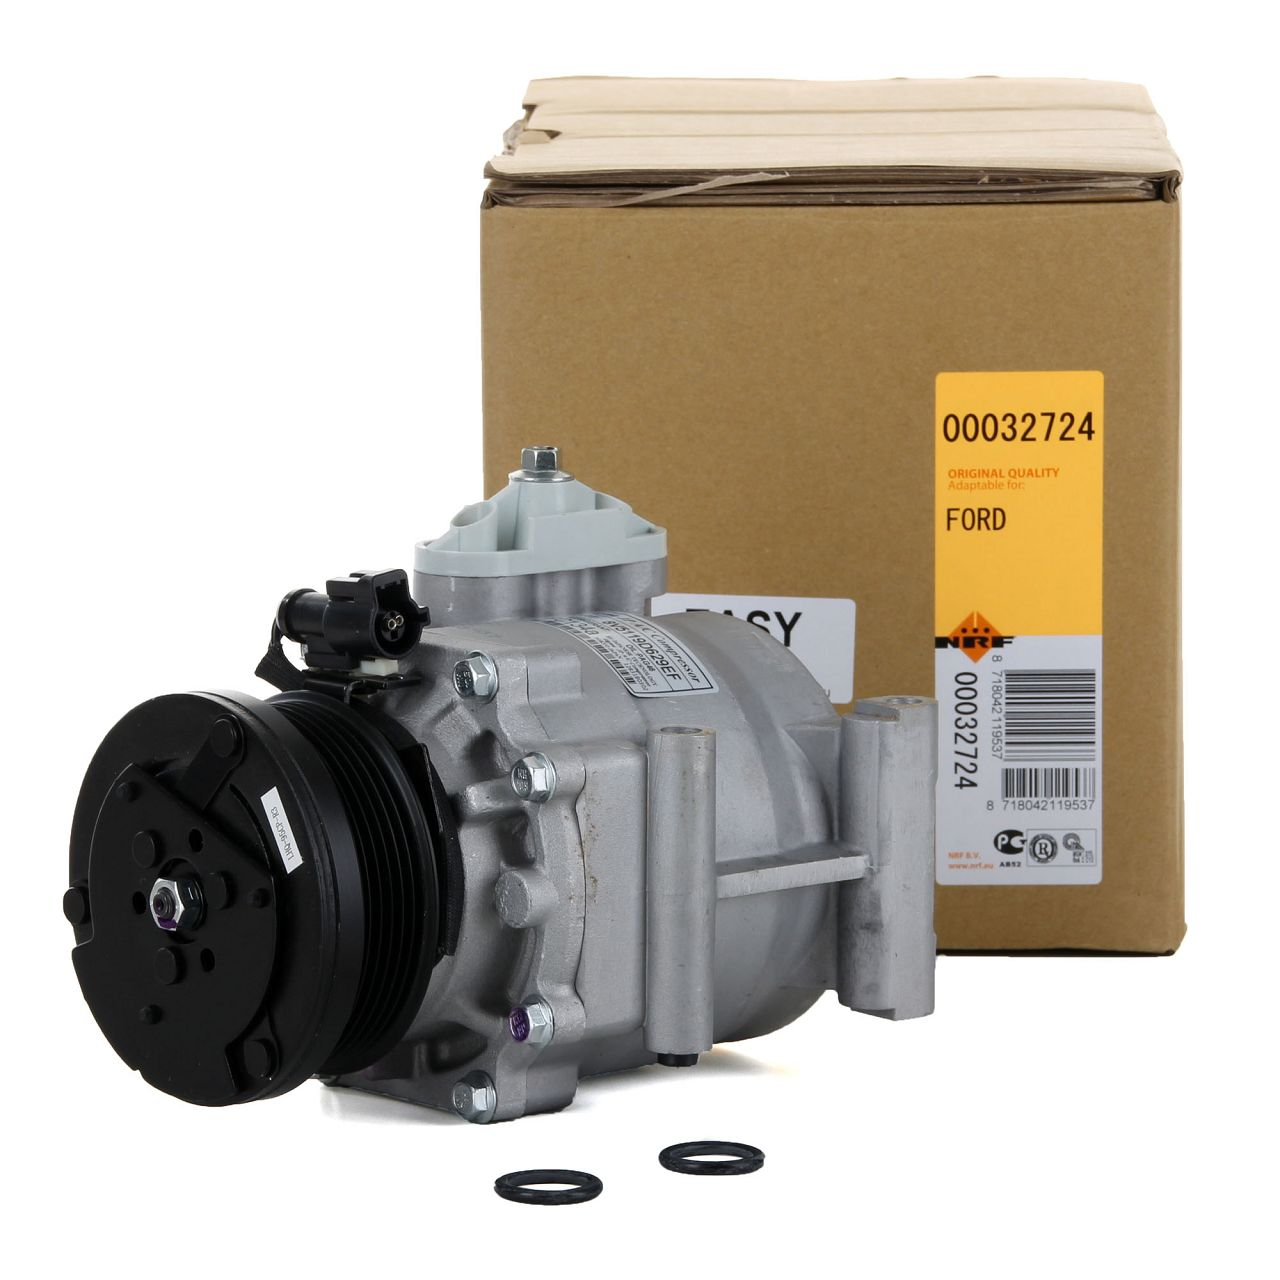 NRF 32724 Kompressor Klimaanlage EASY FIT für FORD FIESTA VI 1.25 1.4/LPG 1.6 Ti